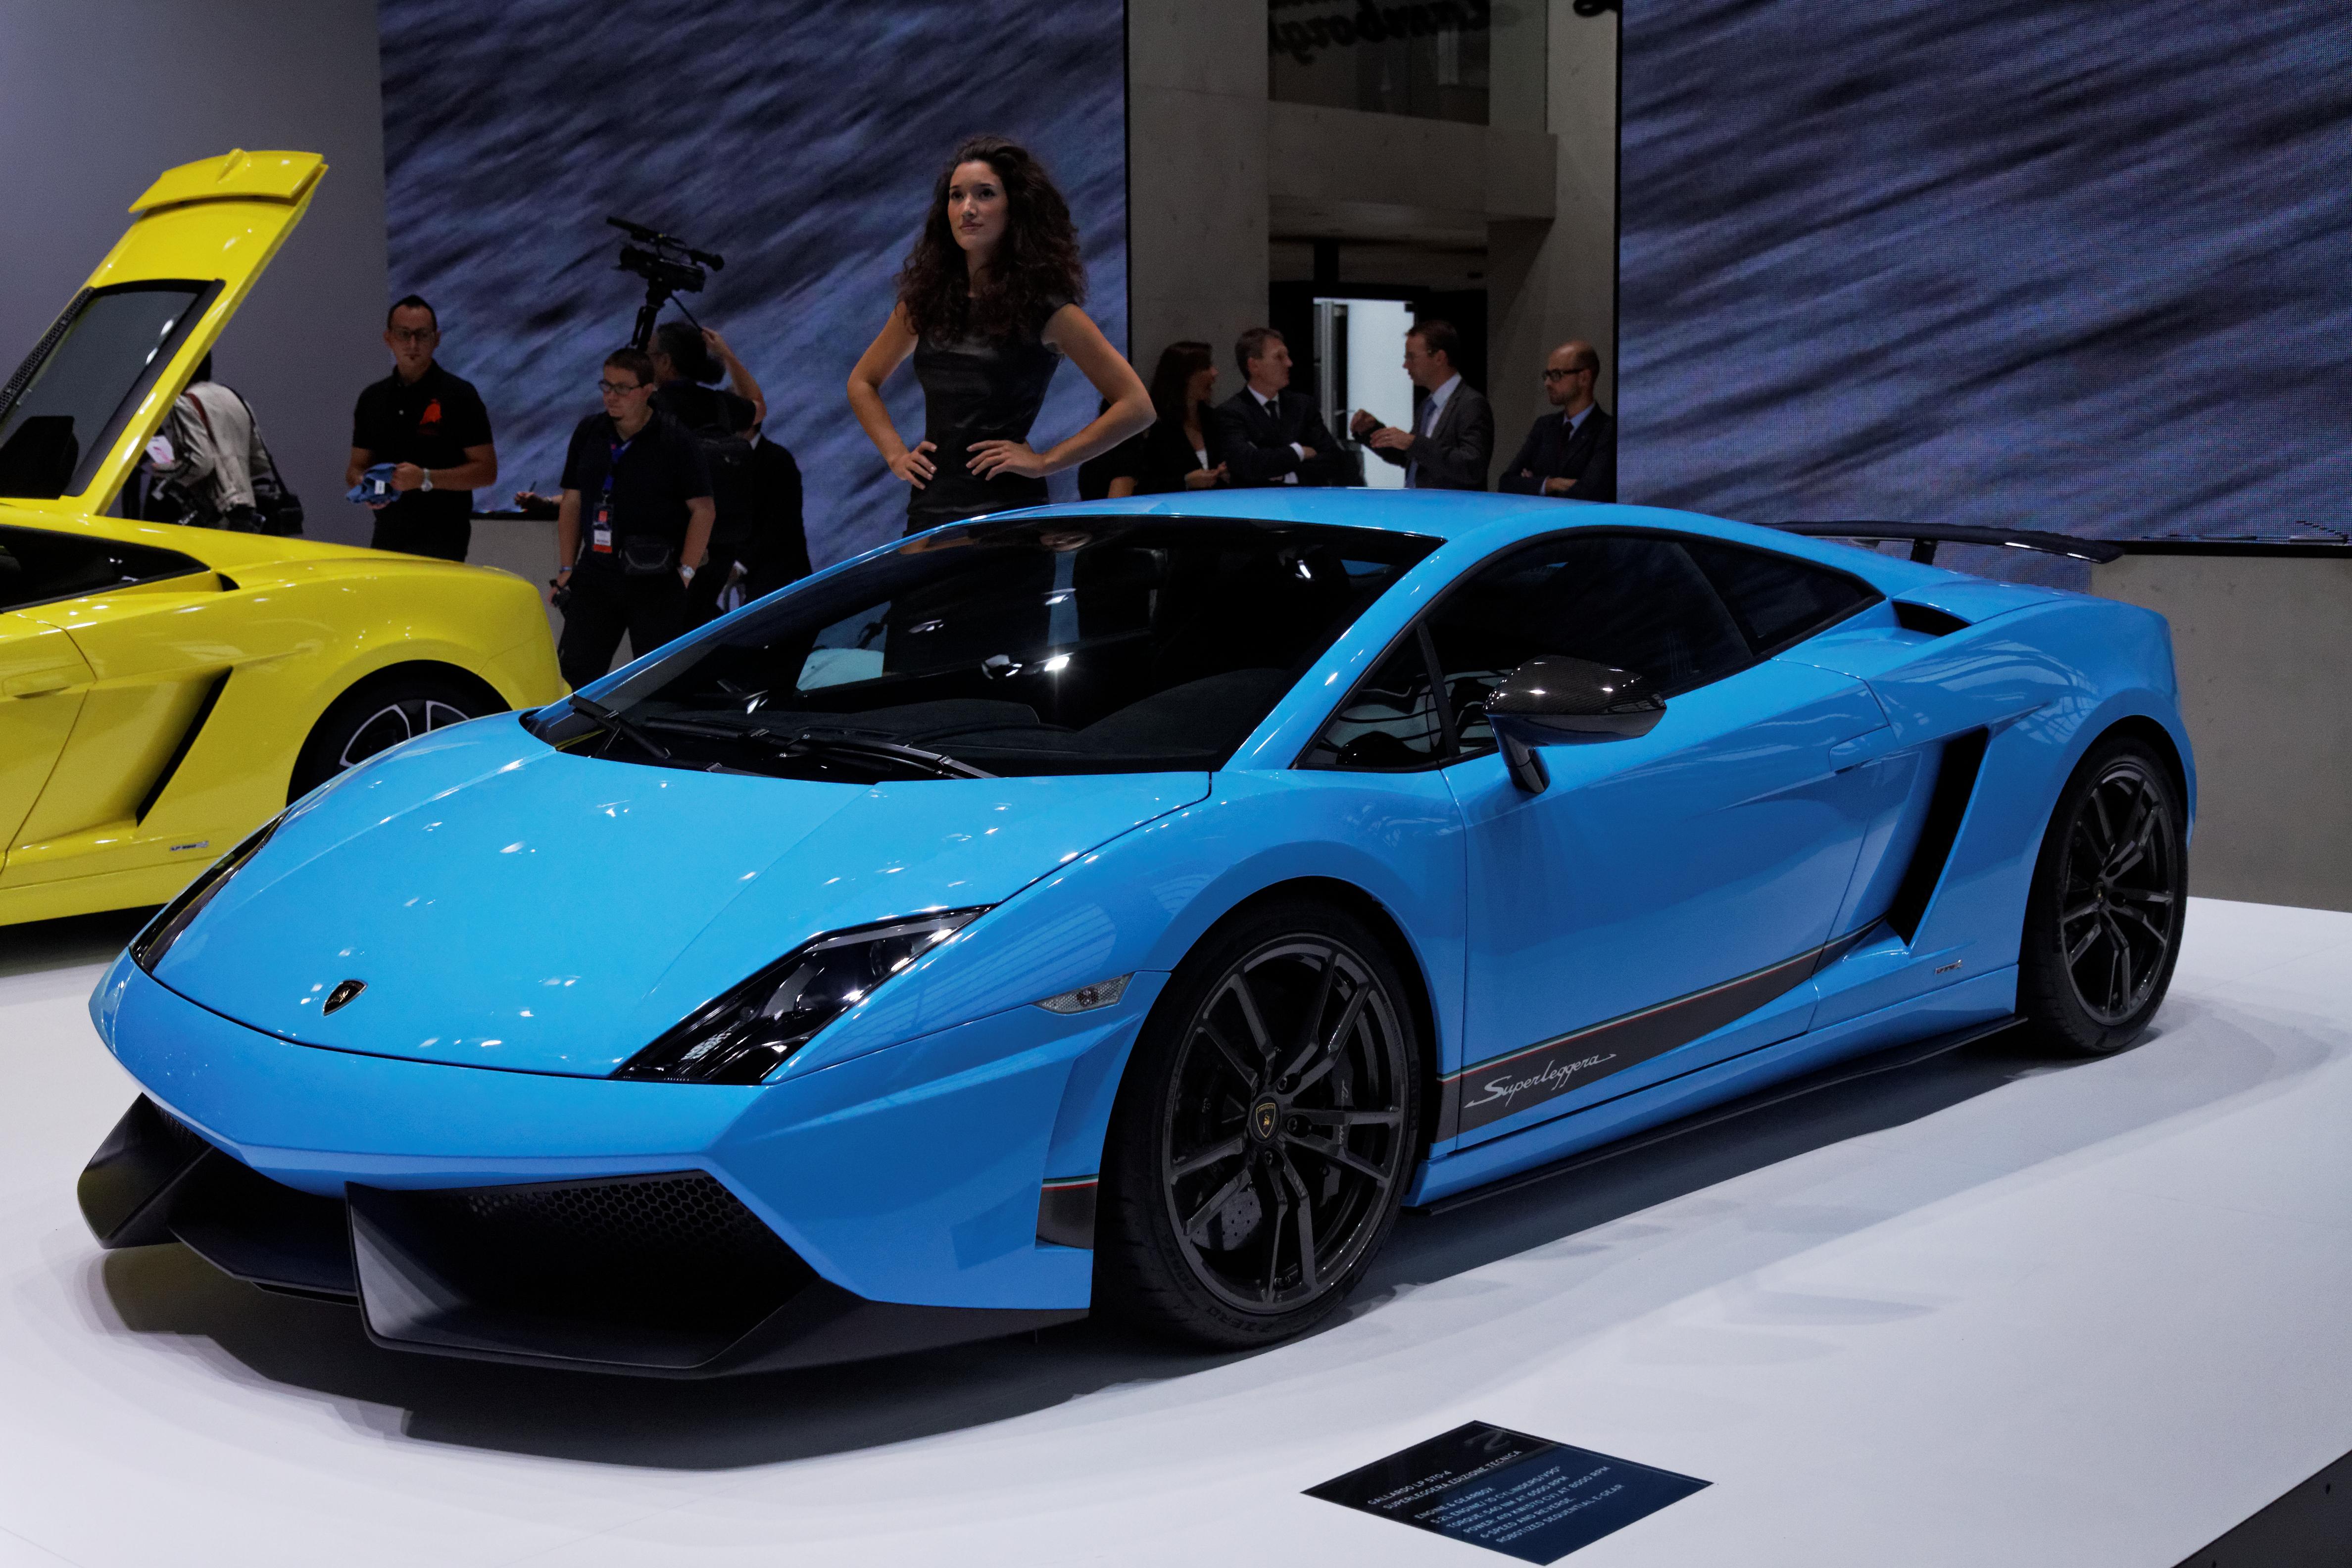 2013 Lamborghini Gallardo Lp 570 4 Superleggera